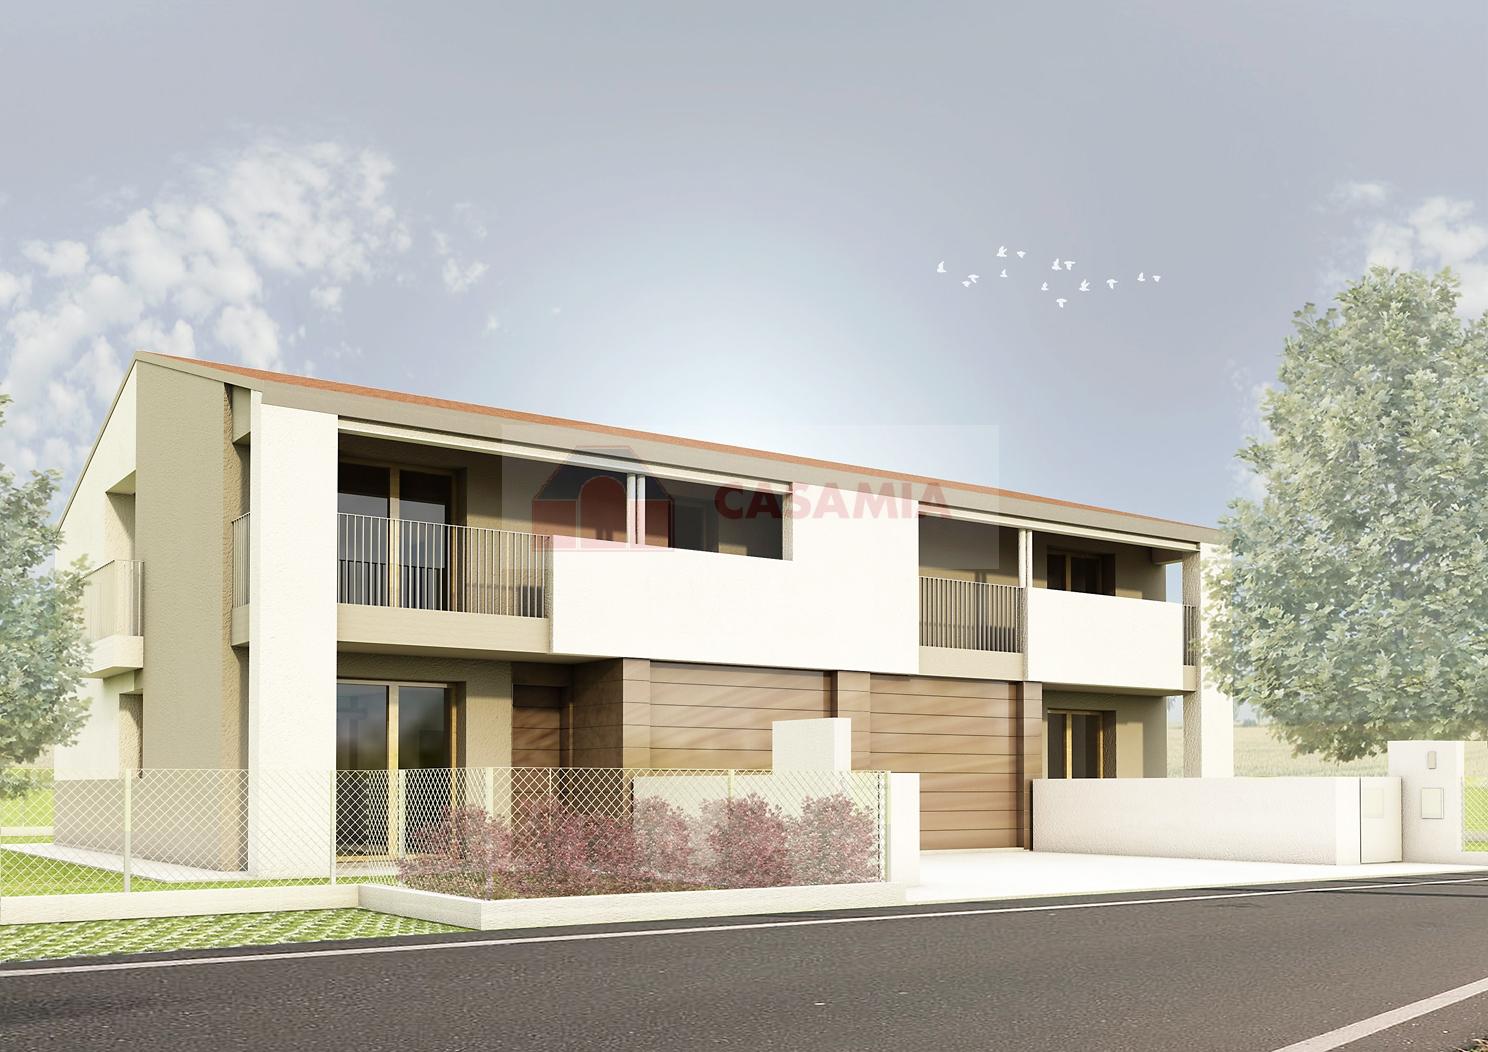 Villa Bifamiliare in vendita a Ormelle, 5 locali, zona Località: Centro, prezzo € 170.000 | CambioCasa.it